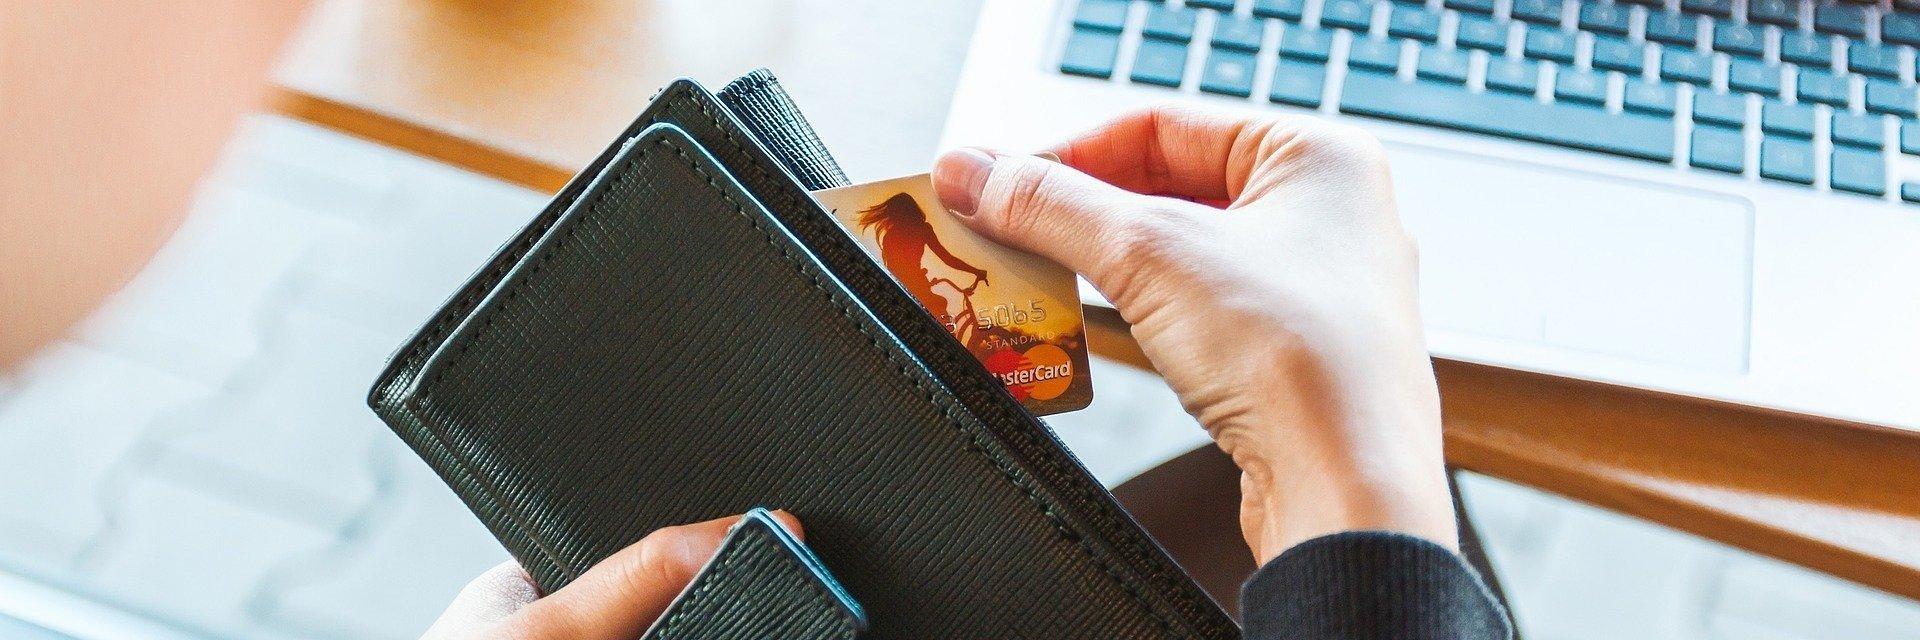 Bezpieczne logowanie do banku – na co zwrócić uwagę?